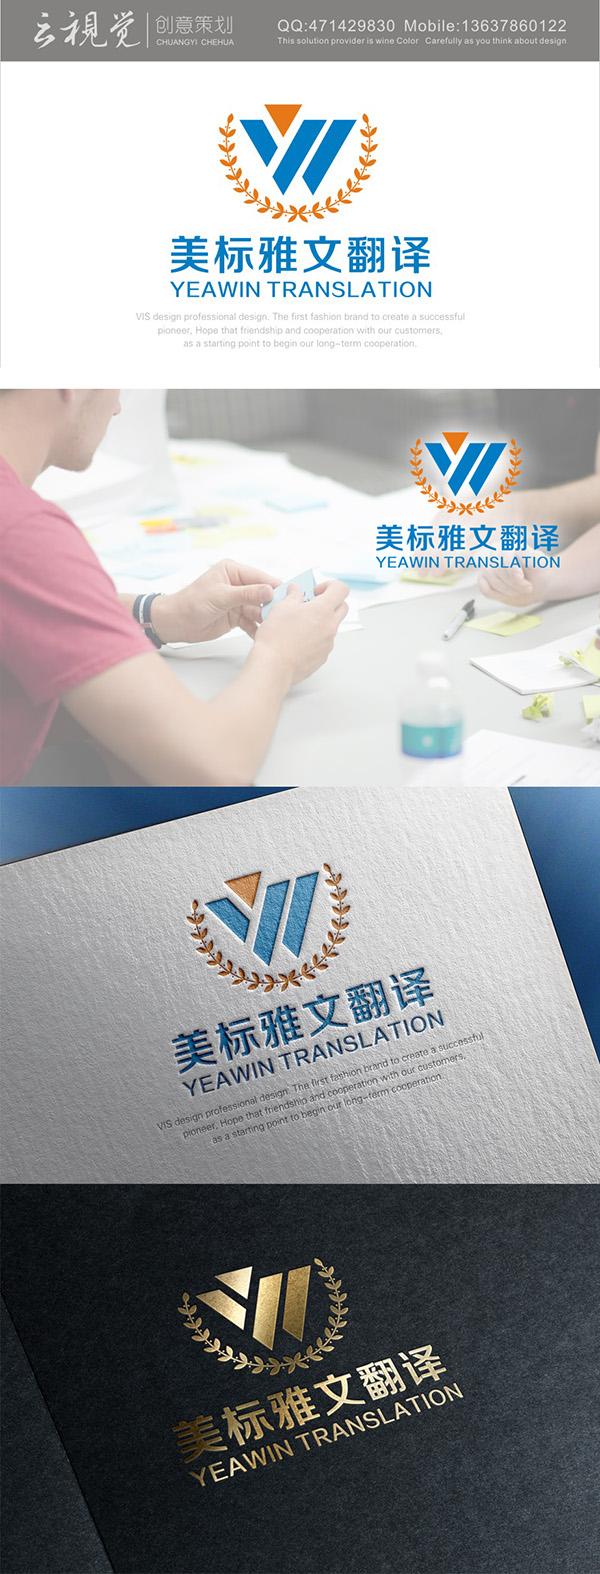 公司Logo 设计_2944463_k68威客网